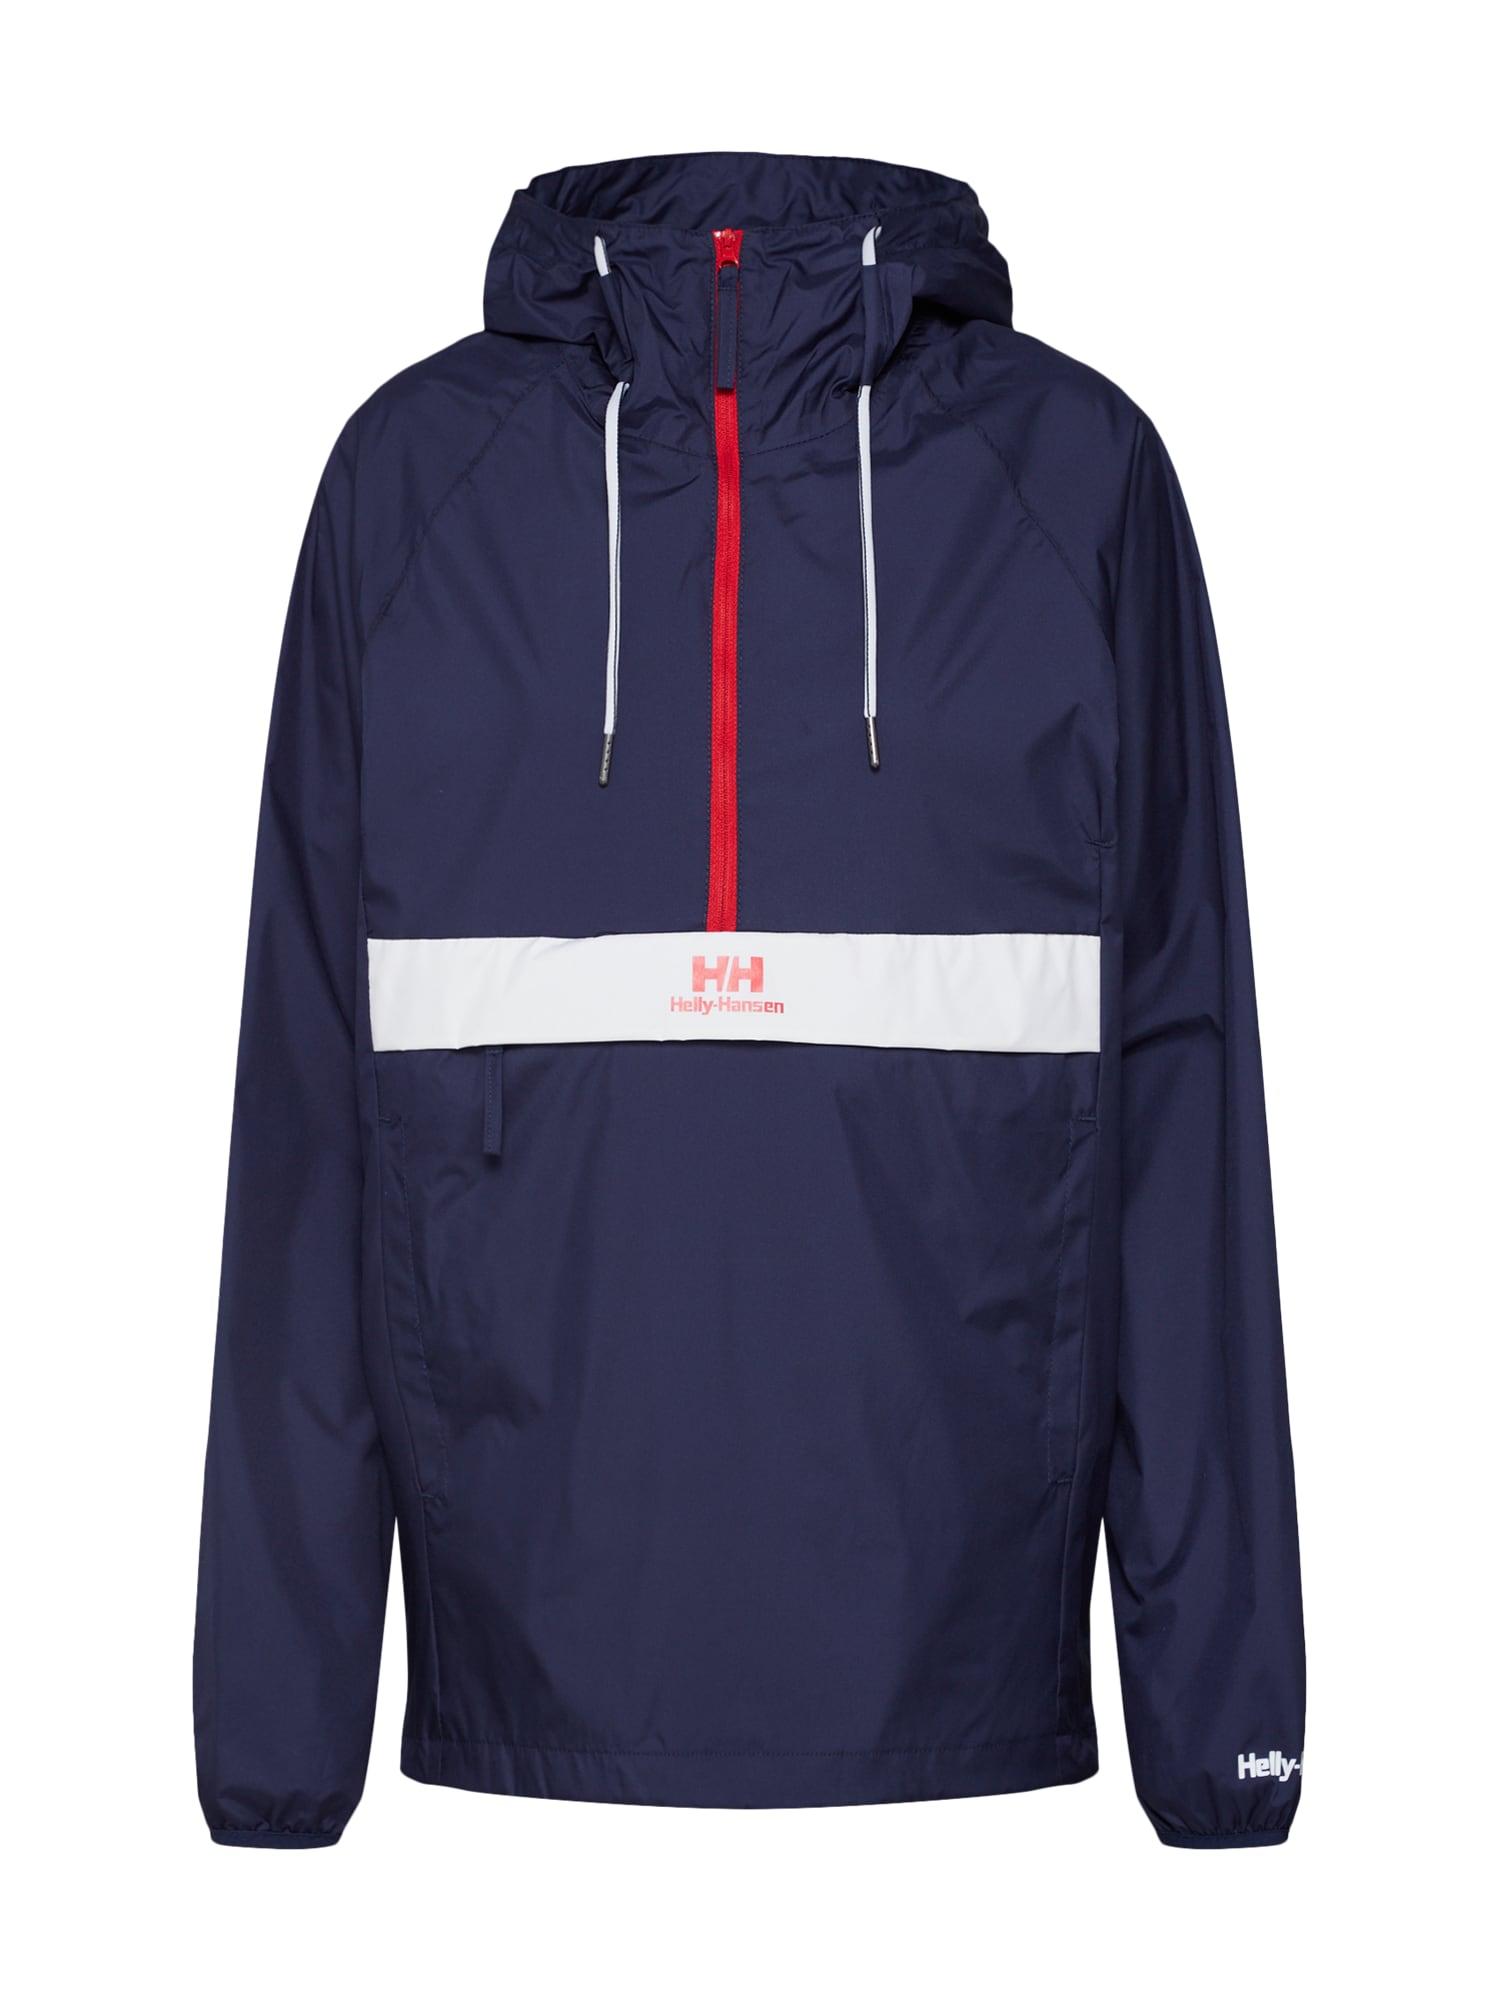 Přechodná bunda URBAN námořnická modř červená bílá HELLY HANSEN